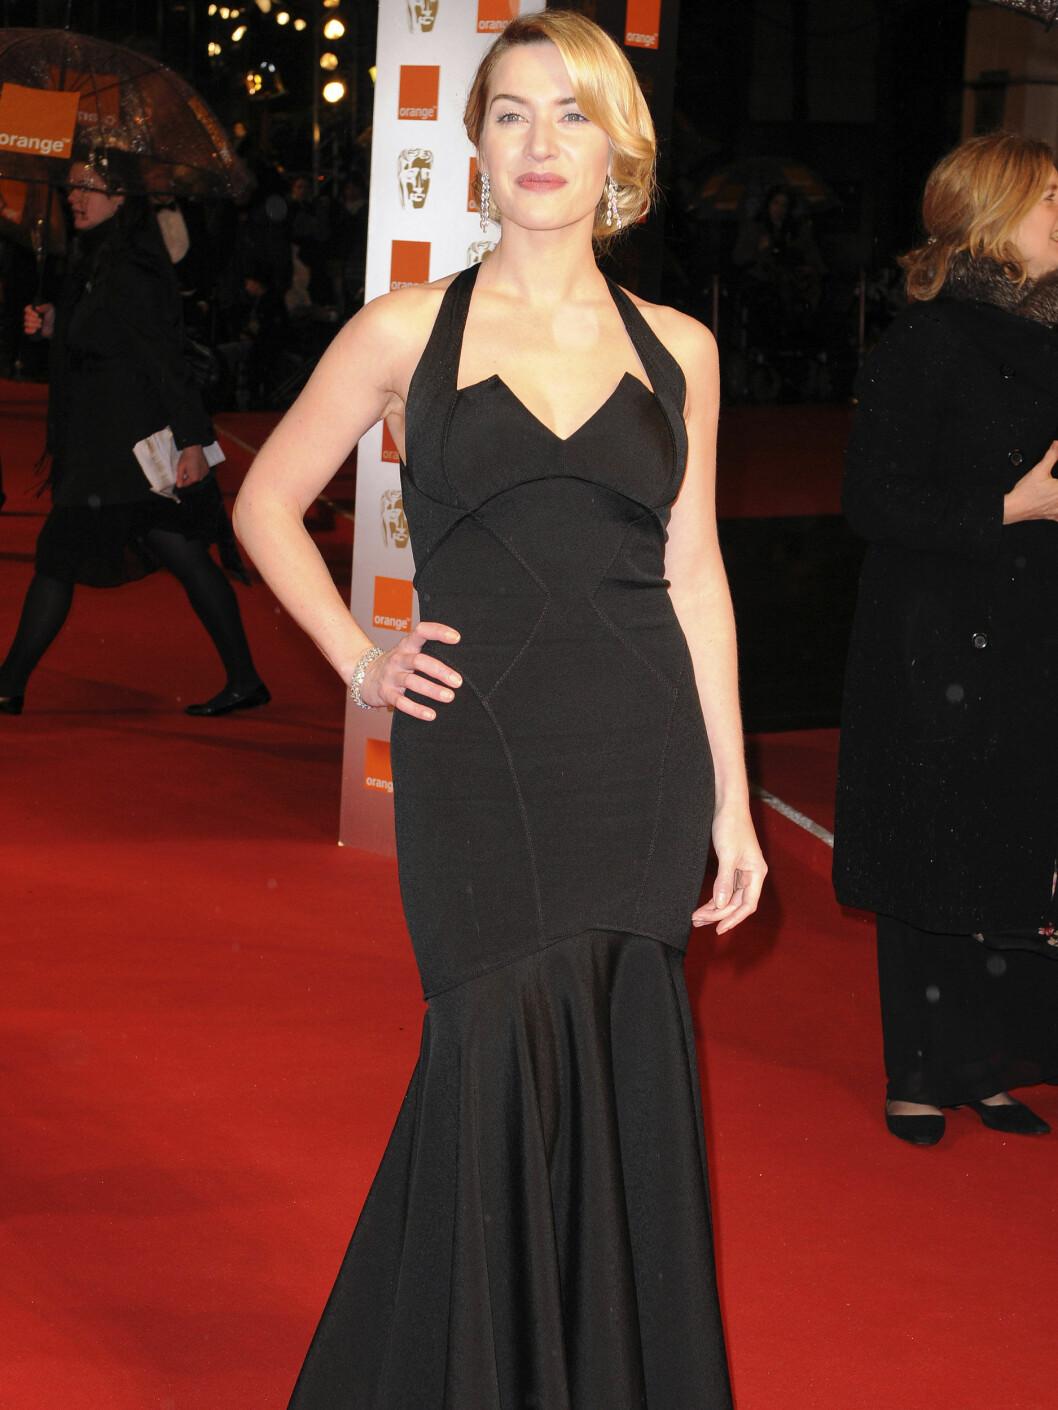 VINNER: Kate Winslet er britenes store diva, og hun vant prisen for beste kvinnelige skuespiller for rollen i The Reader. Og kjolen fra Zac Posen er også en vinner! Tilbehør fra Chopard. Foto: All Over Press